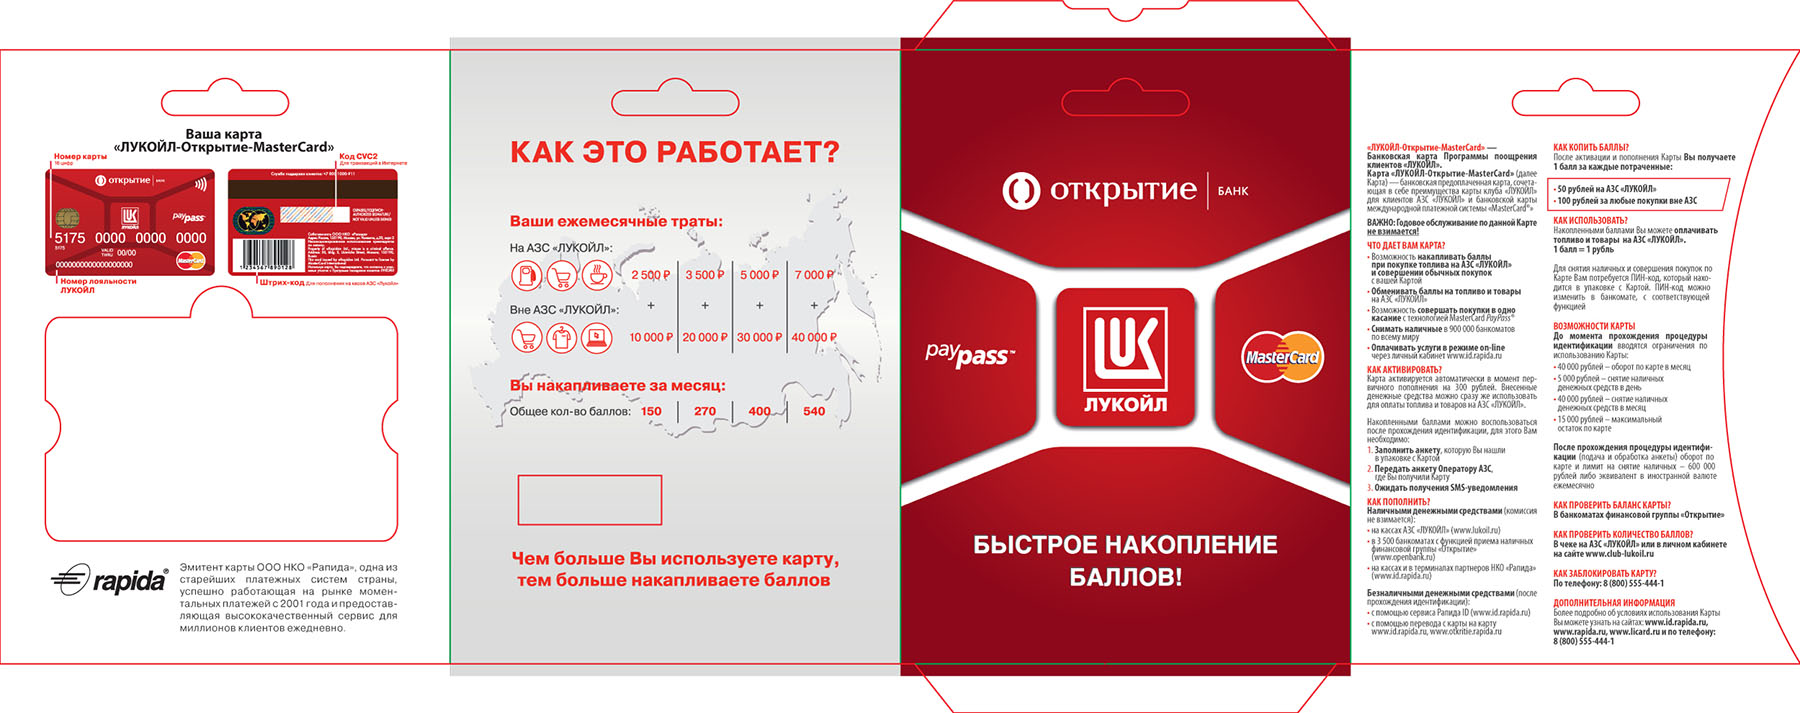 Упаковка карты Лукойл